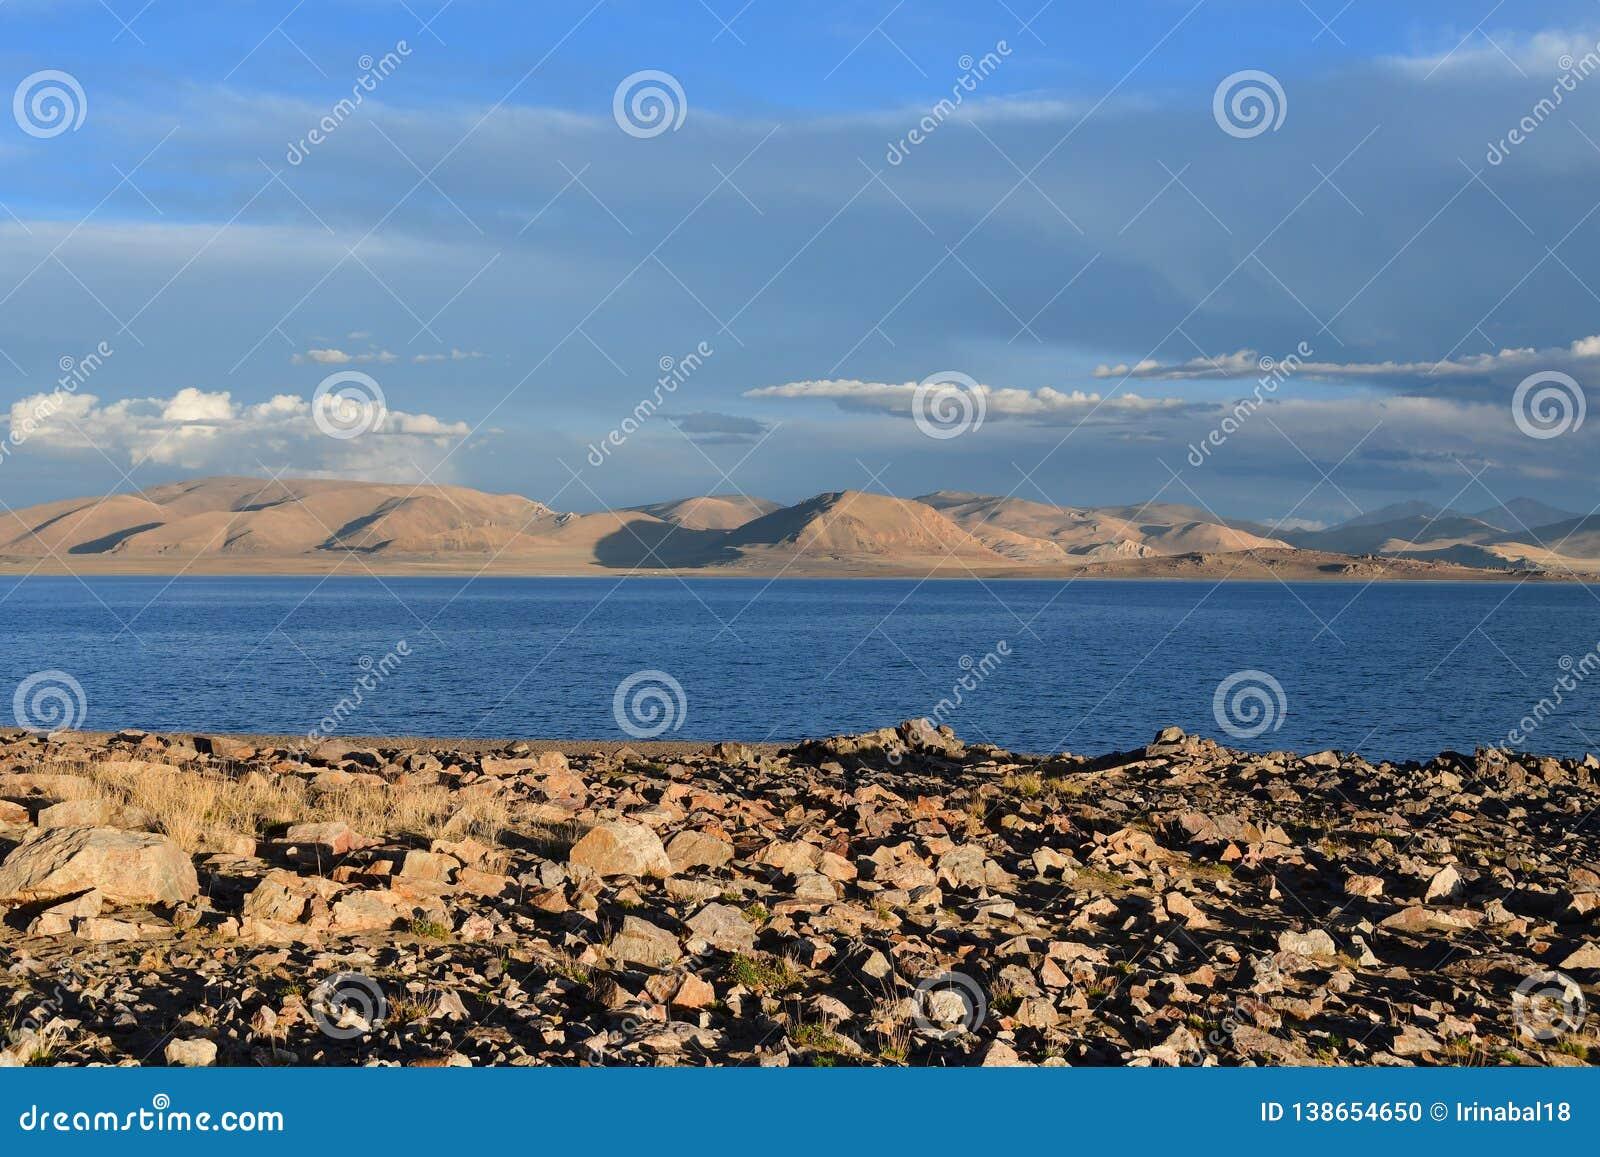 China. Great lakes of Tibet. Lake Teri Tashi Namtso in the setting sun in summer